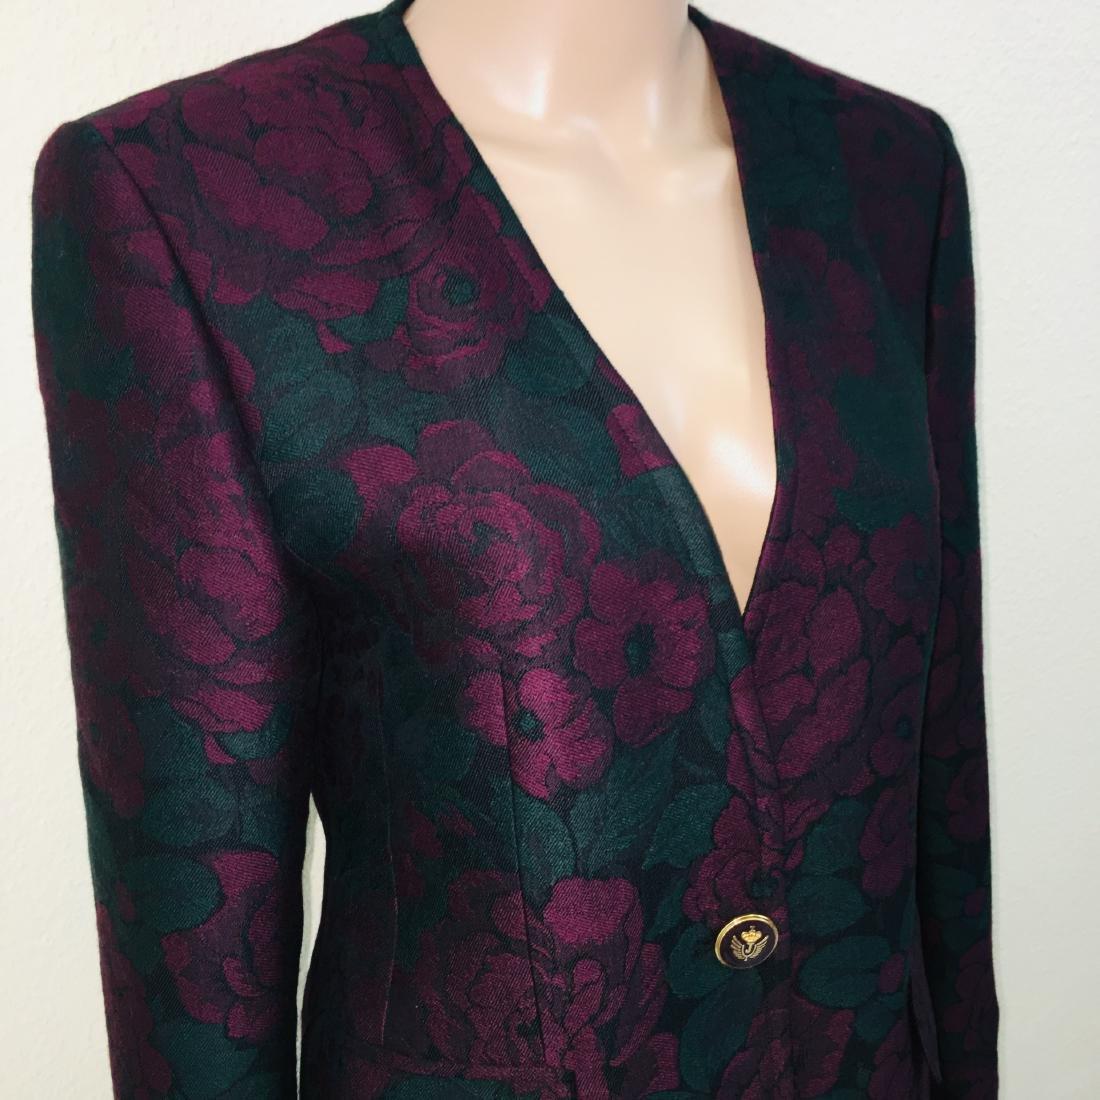 Vintage Women's Designer Blazer Jacket - 5